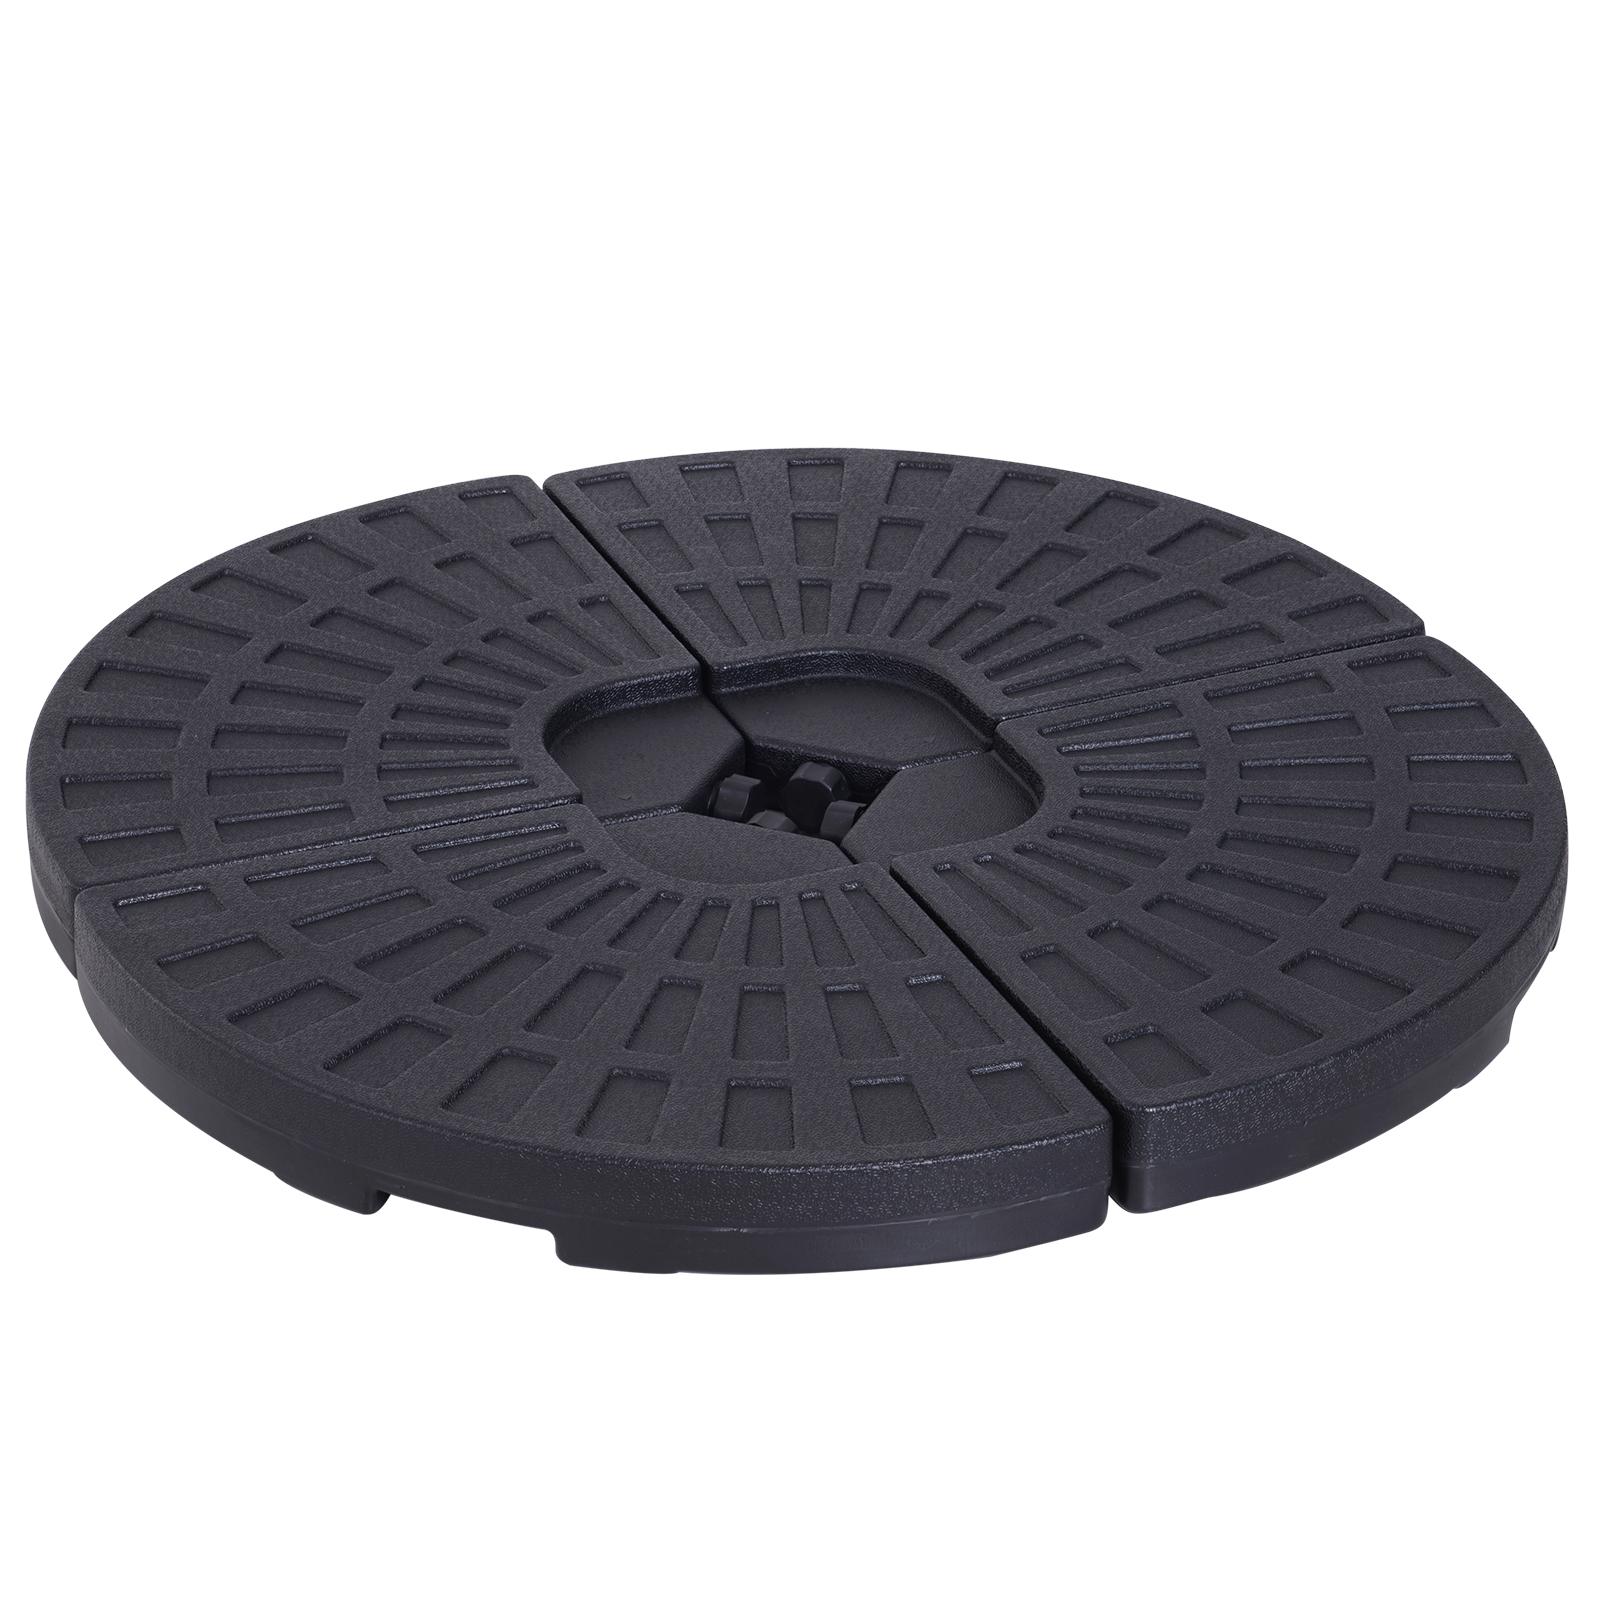 Lot de 4 poids de lestage pour parasol HDPE noir